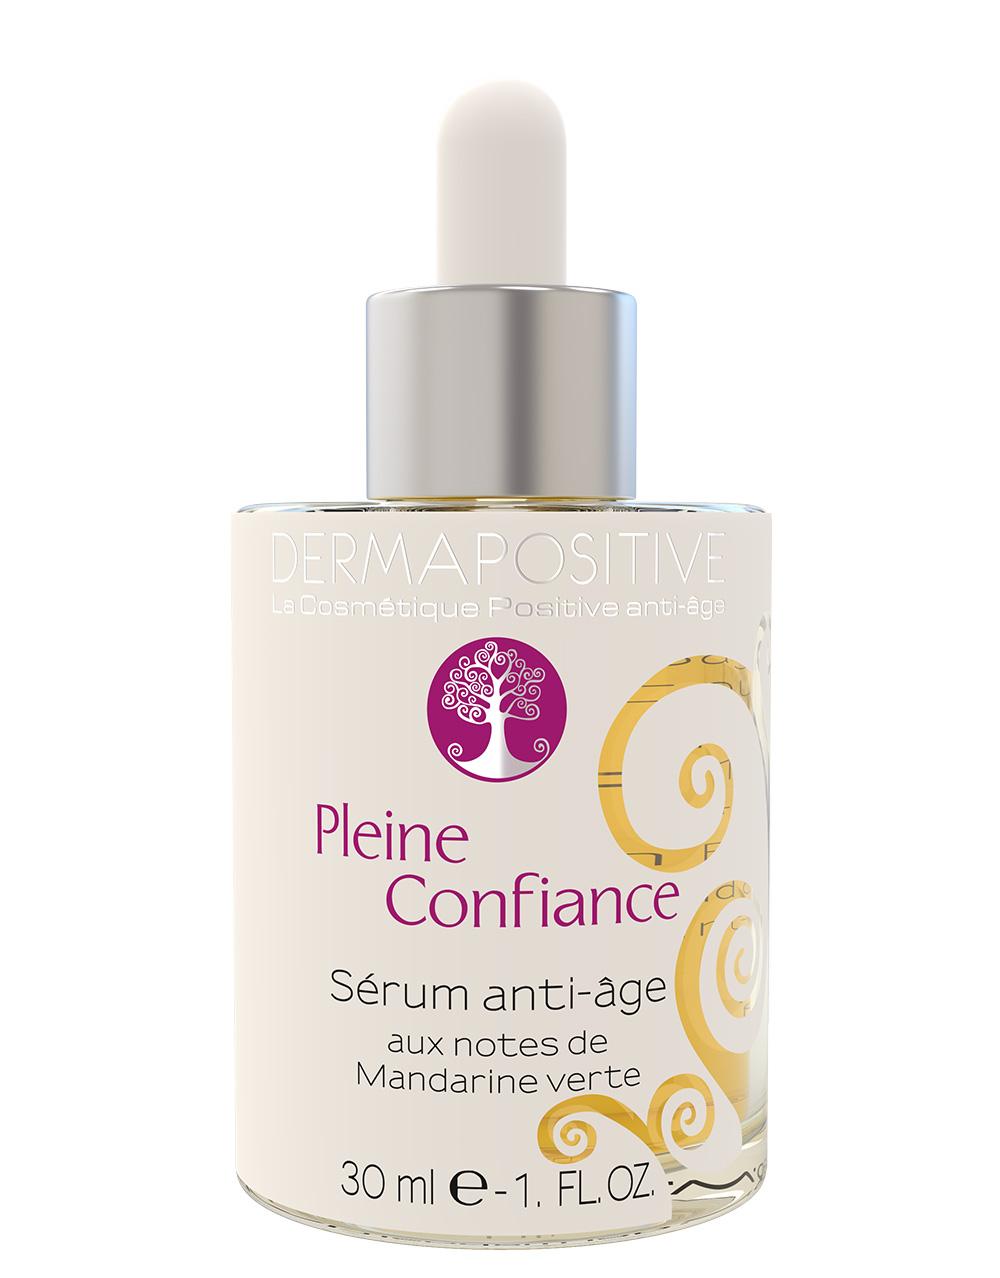 Dermapositive_Pleine_Confiance_serum_antiage